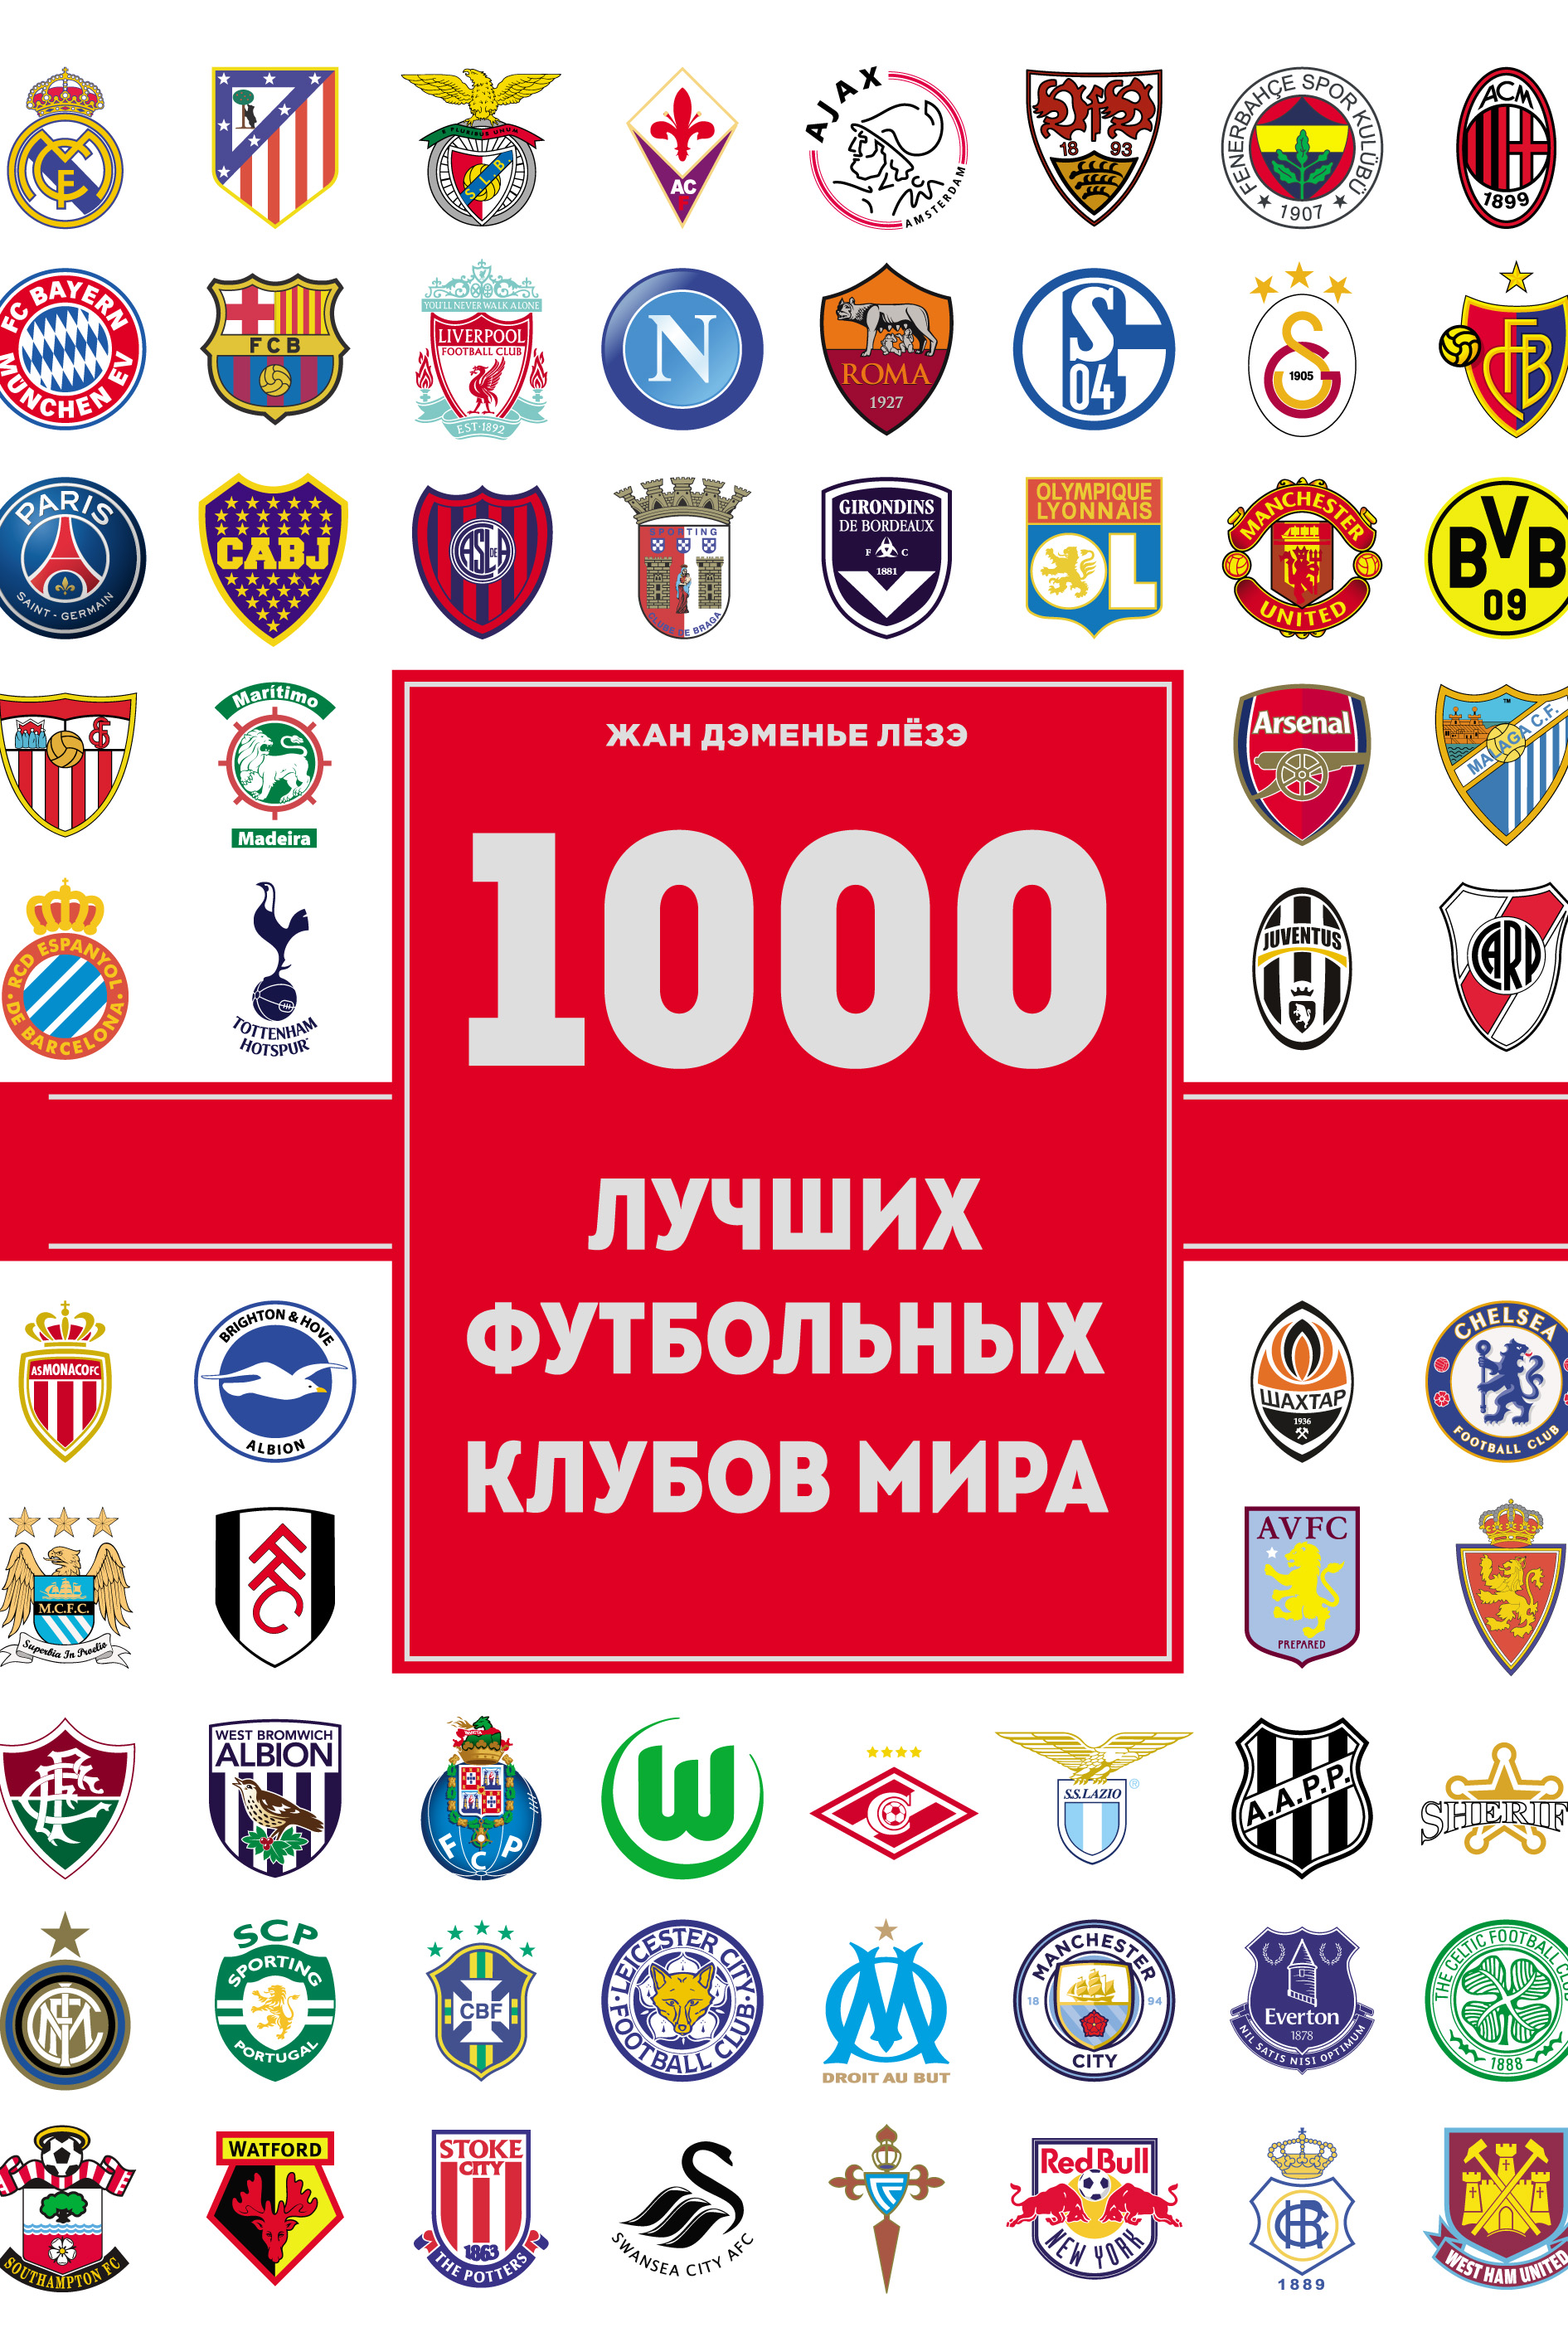 Жан Дэменье Лёзэ 1000 лучших футбольных клубов мира 1000 лучших впечатлений которые все мечтают испытать